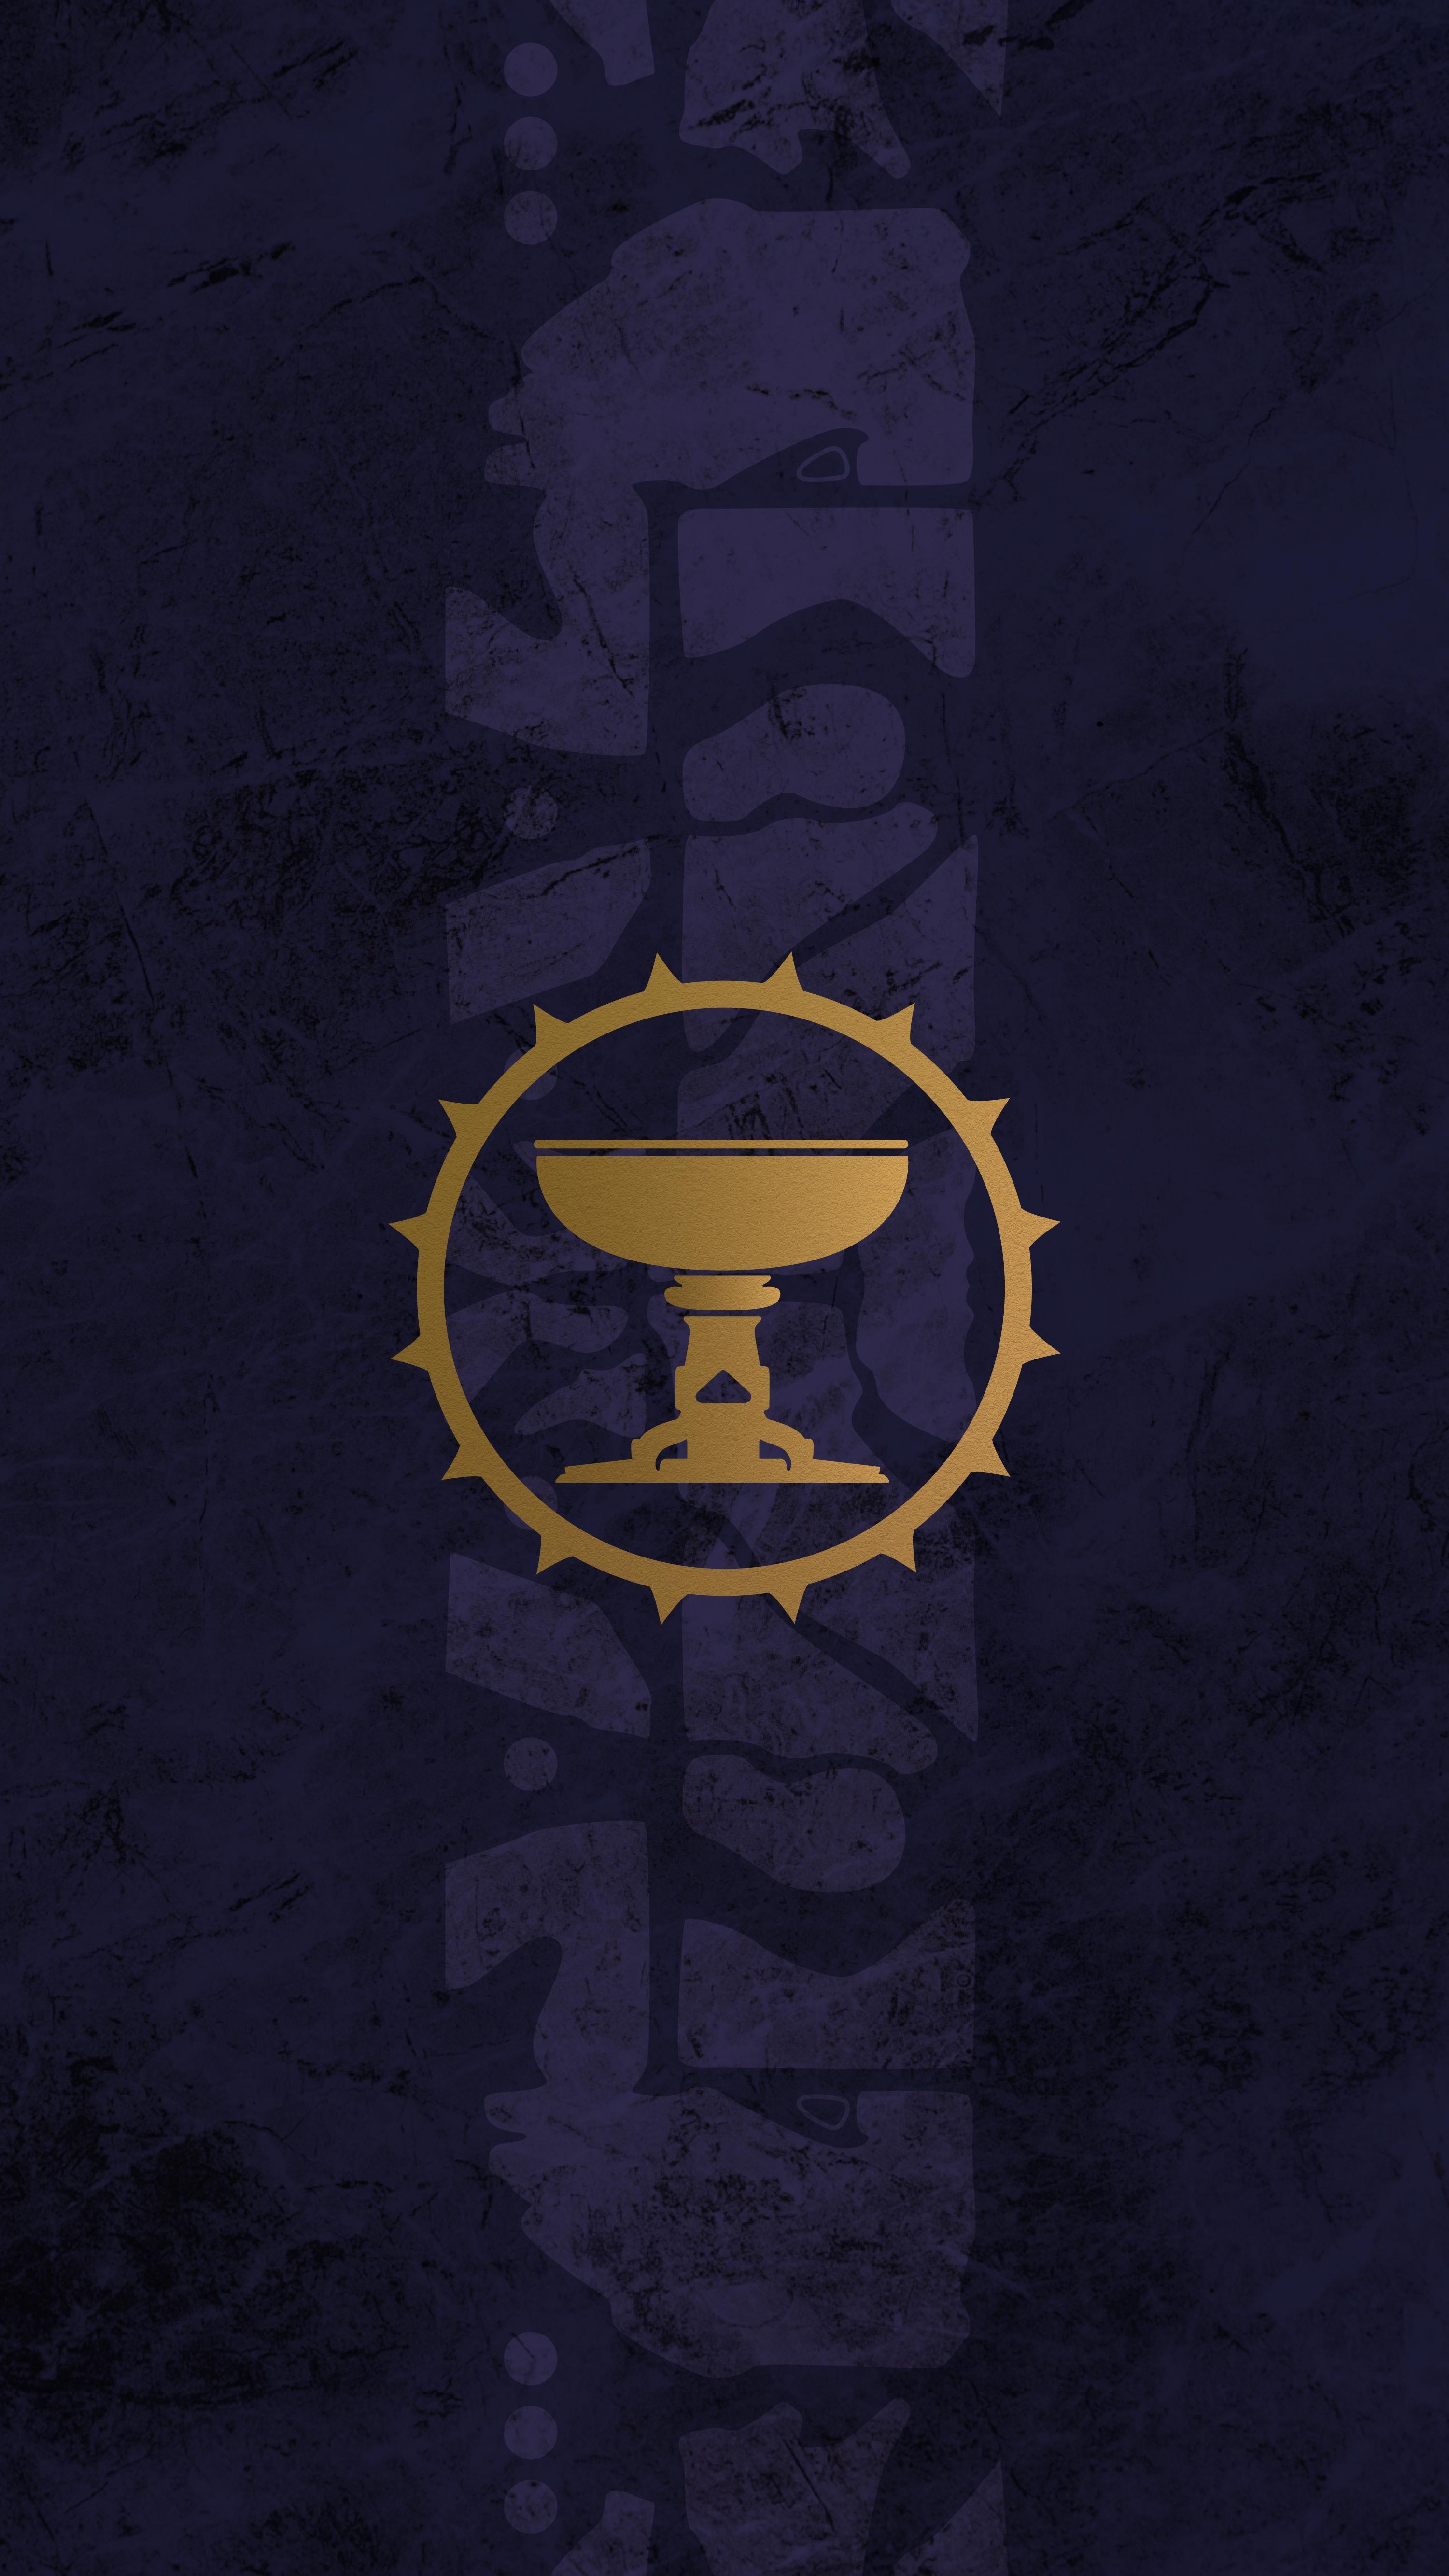 Destiny 2 Iphone Emblem Wallpapers